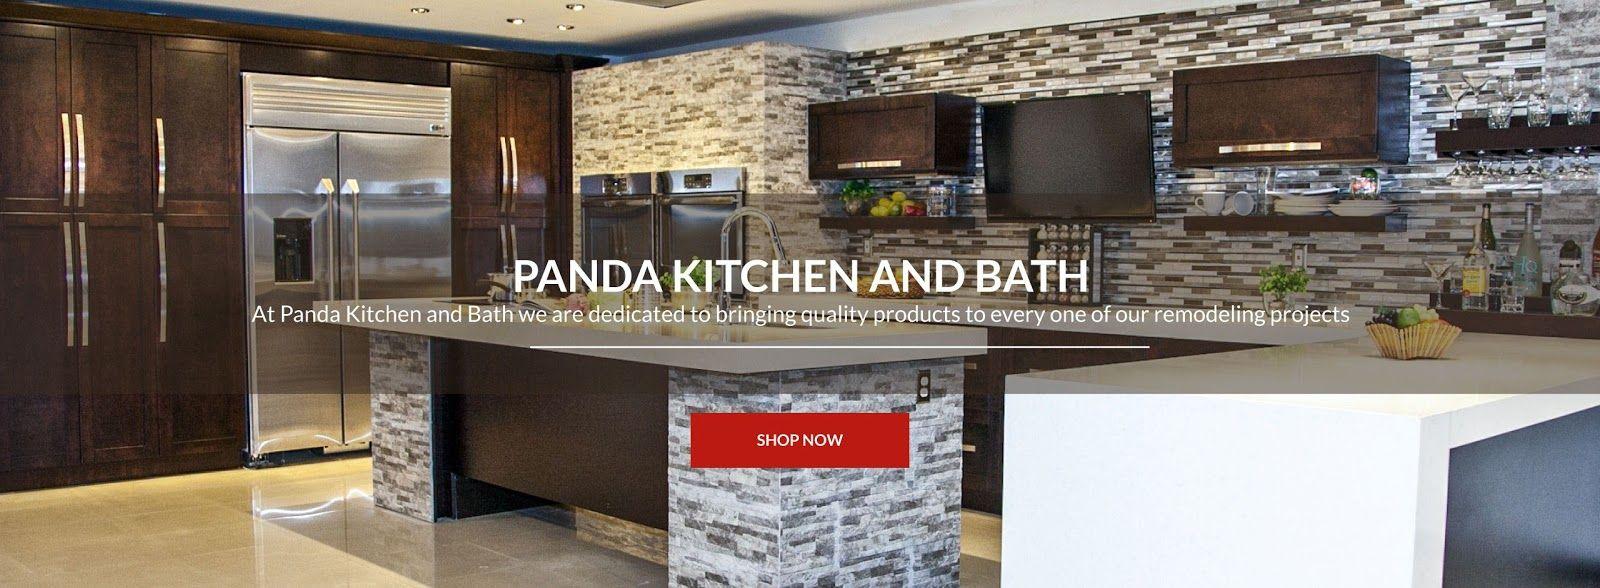 Best 50 Small Kitchen Design Ideas Kitchen Design Small Kitchen And Bath Kitchen Bathroom Remodel